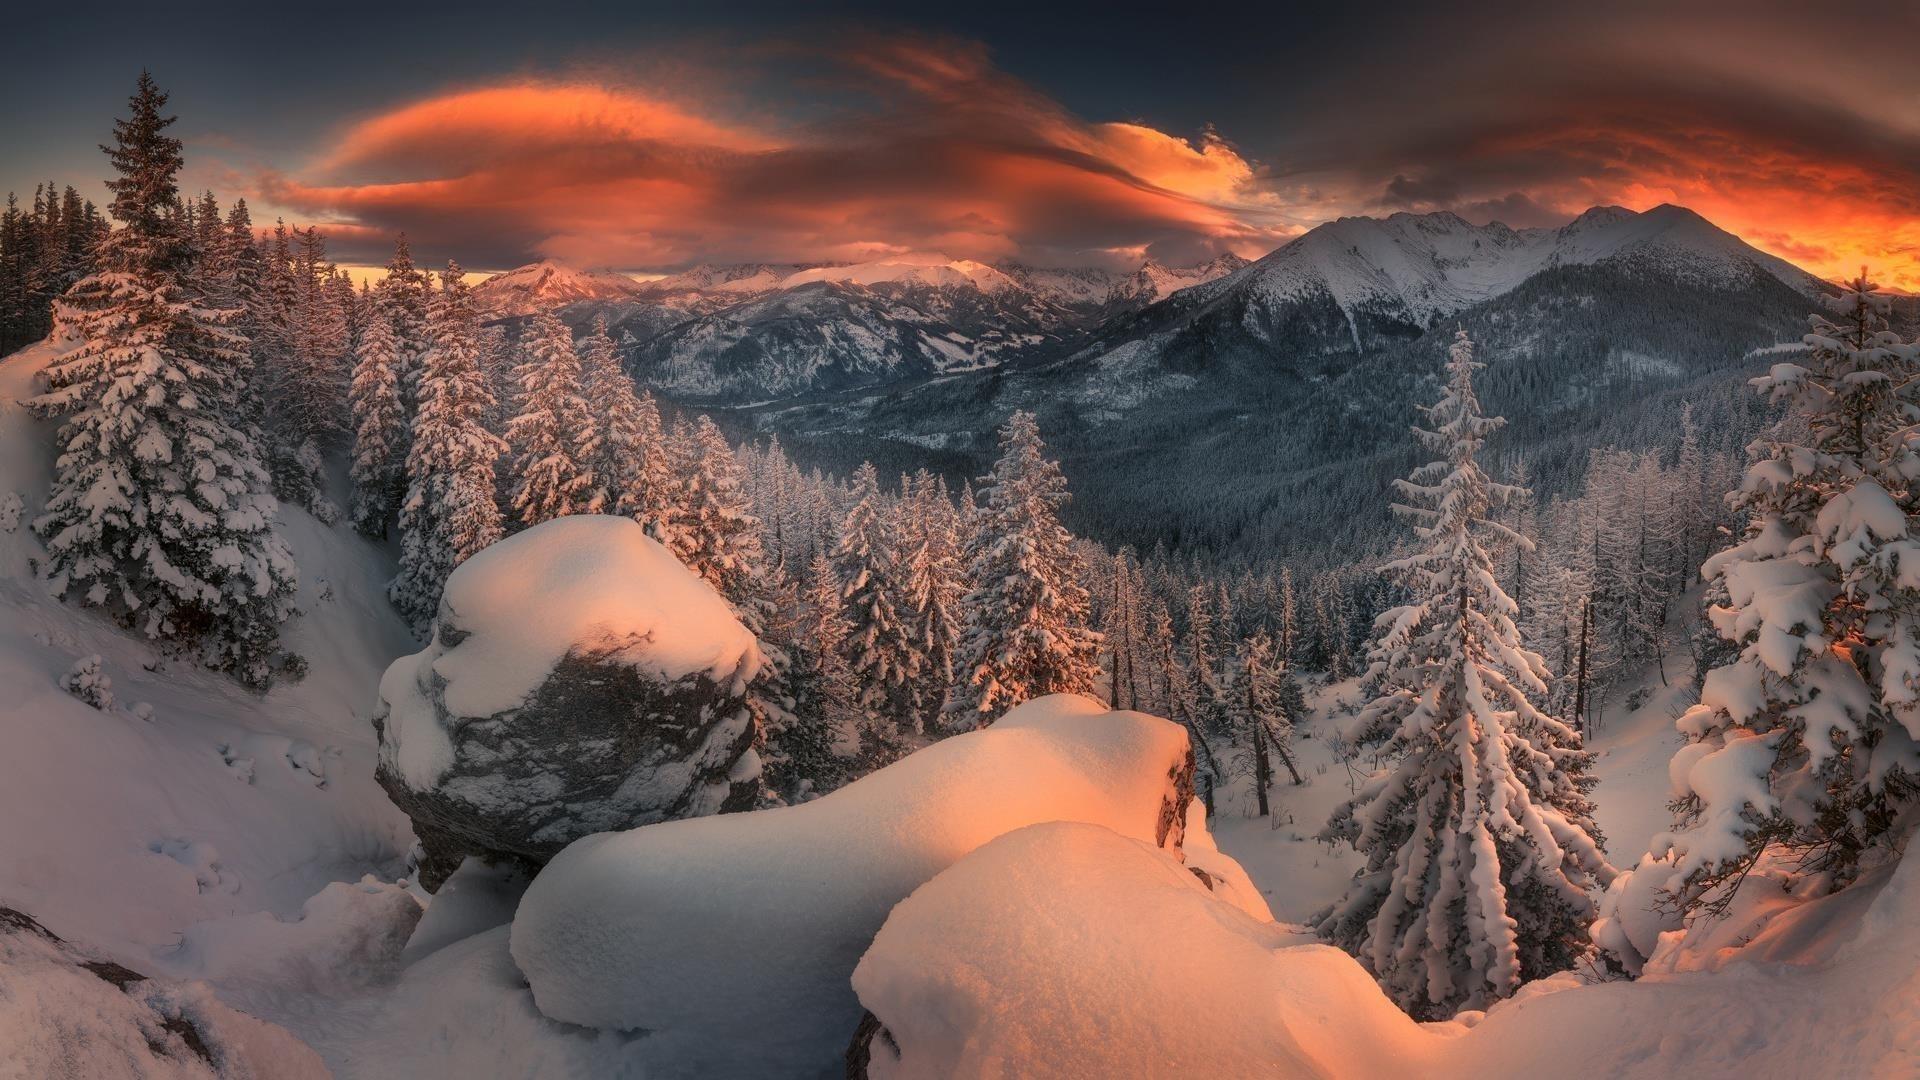 Лес горная природа снег закат зимняя природа обои скачать